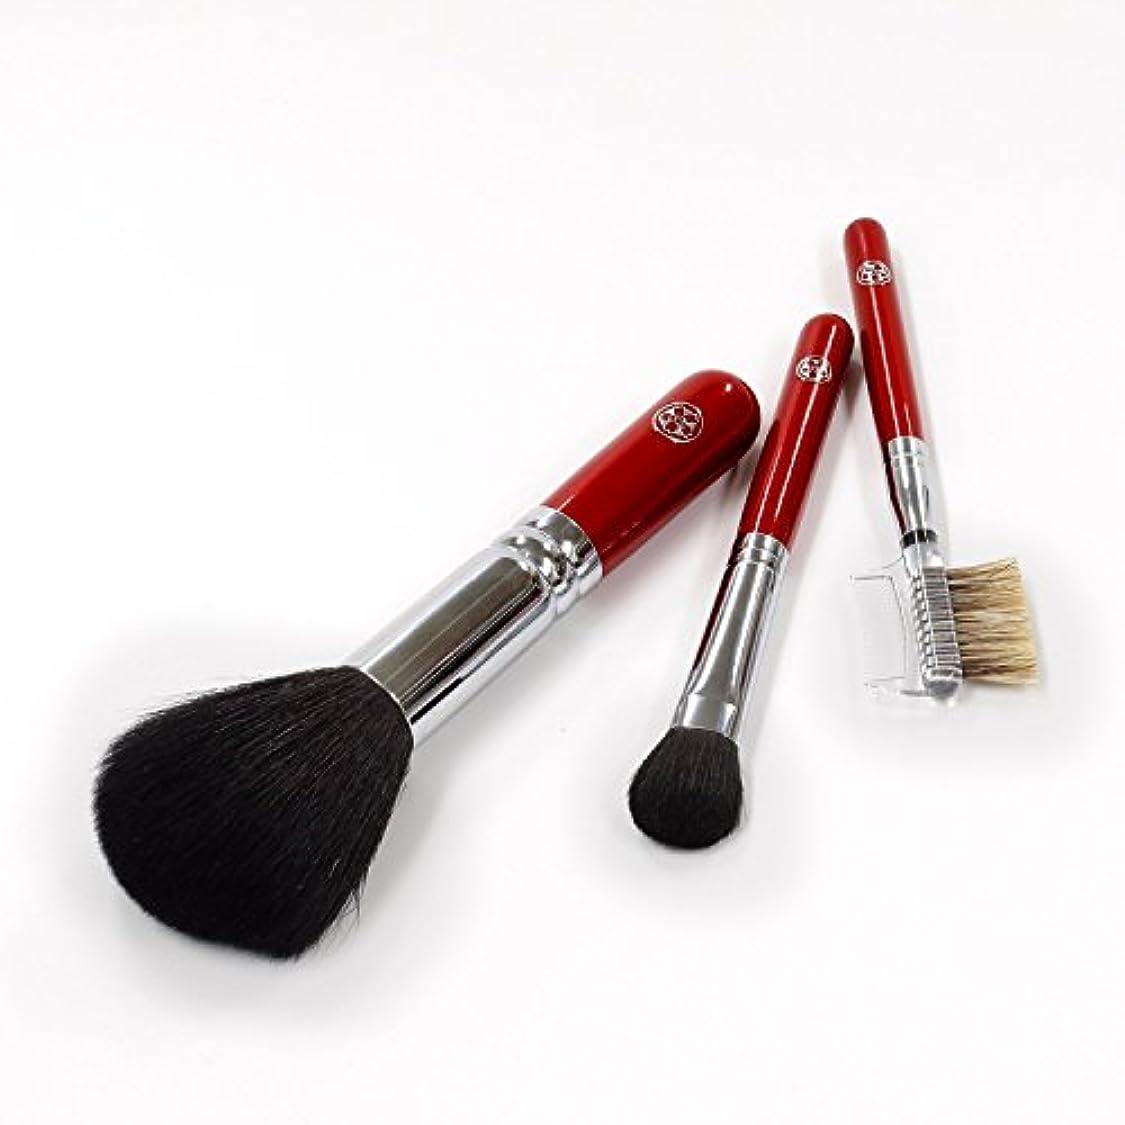 酔っ払い言い訳応じるARRS-S3さくら筆 まずはこの3本から 基本の化粧筆 3本セット パウダー アイシャドー ブラシ&コーム 六角館さくら堂 ロゴ入り 女性の手になじみやすい赤軸ショートタイプ 熊野筆